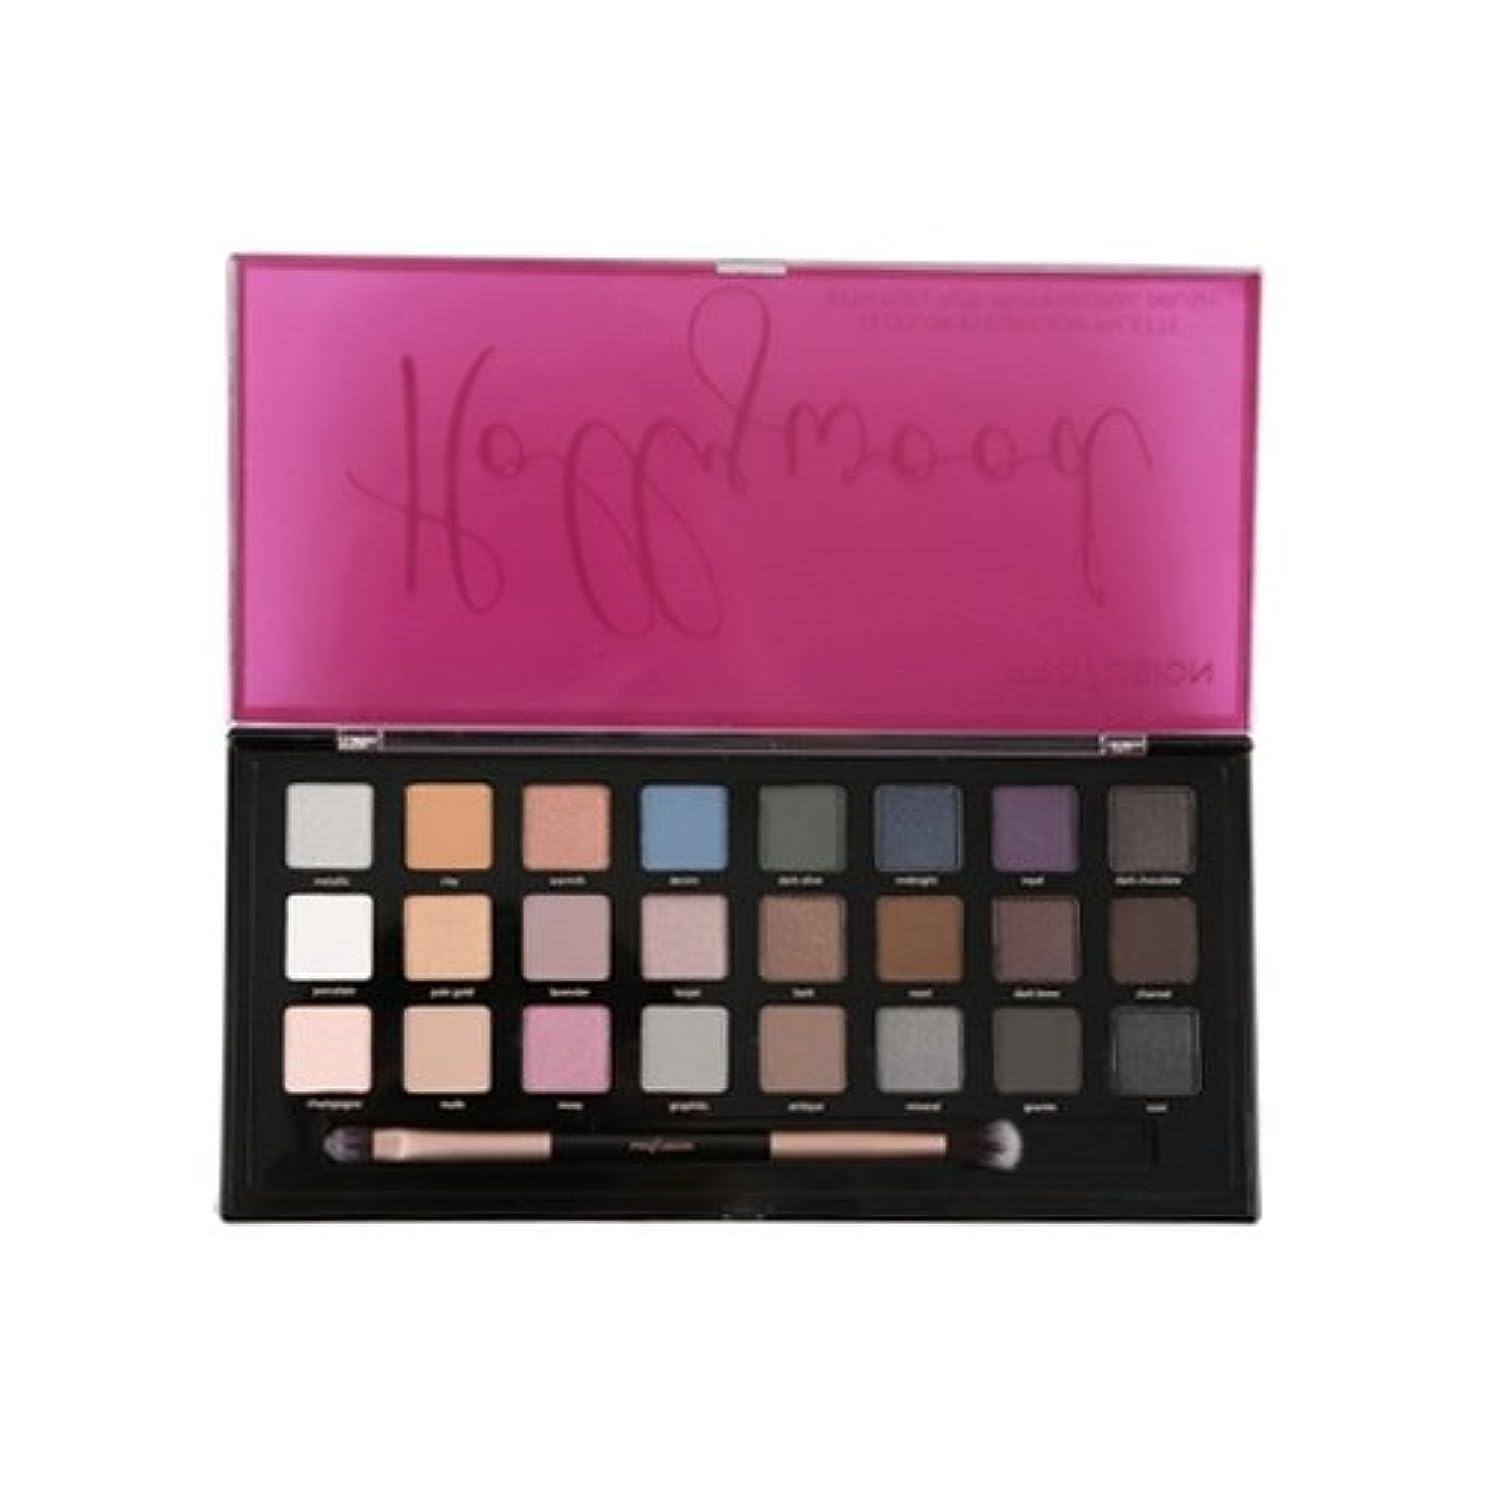 アレルギー性袋素晴らしき(6 Pack) PROFUSION Hollywood 24 Color Eyeshadow Palette With Brush (並行輸入品)